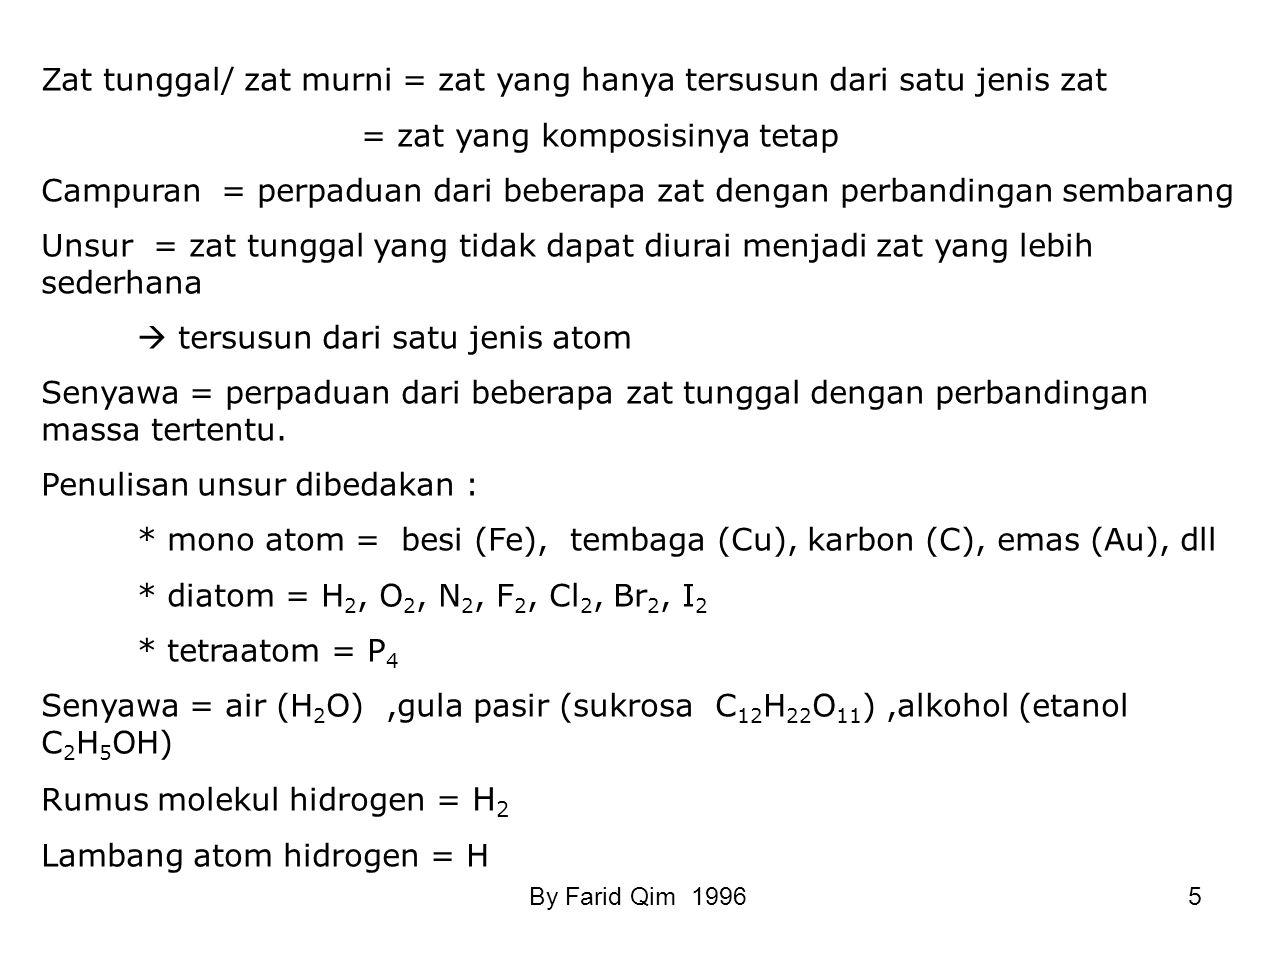 SUSUNAN MATERI MATERI ZAT TUNGGAL (Materi yang mempunyai komposisi tetap) Contoh: air, gula, garam, arang, oksigen, besi dll CAMPURAN Contoh: tanah, a